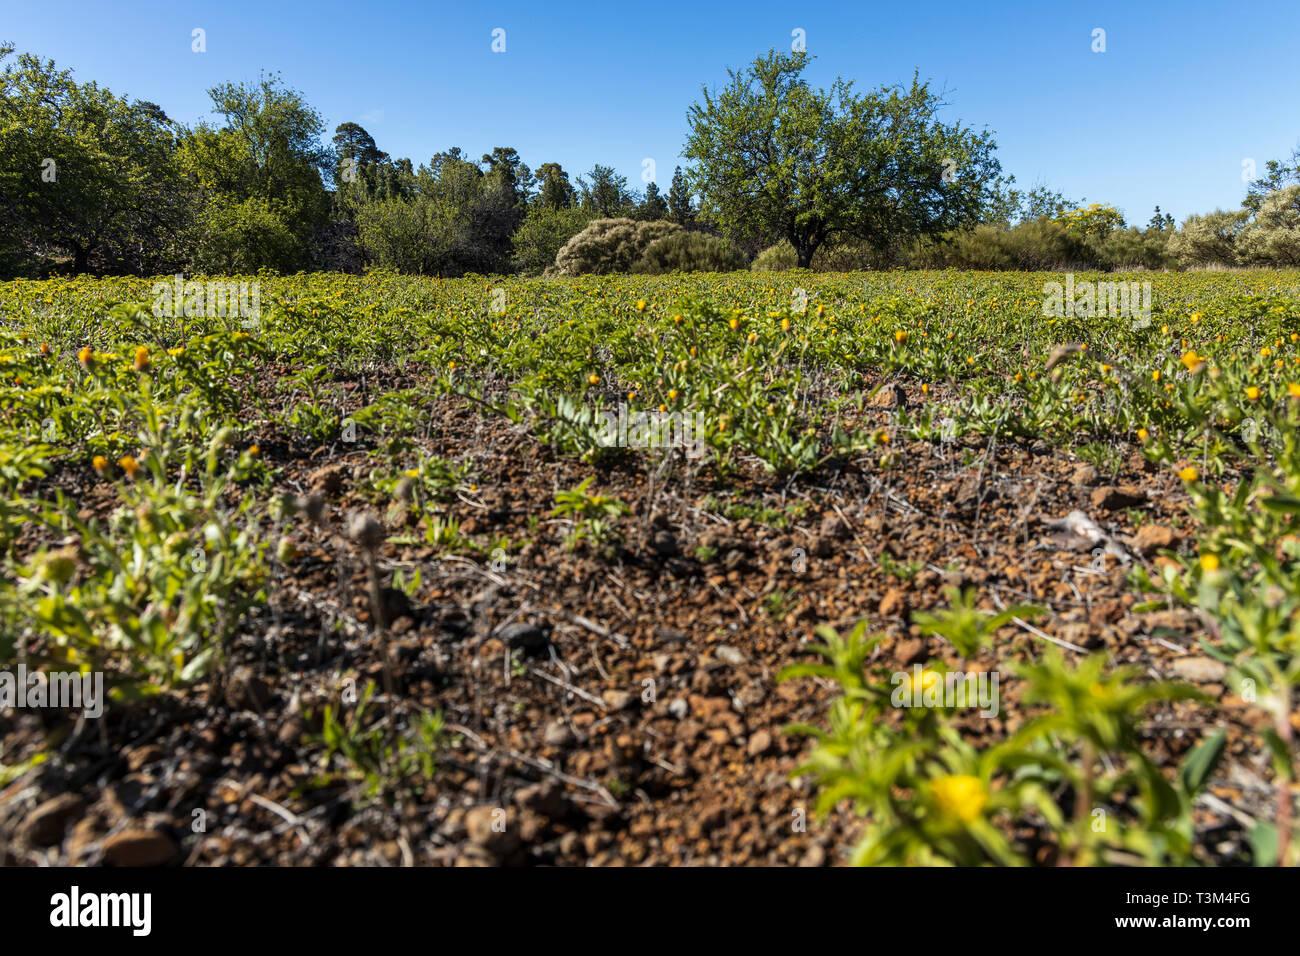 Unkraut und Almond Tree auf einem verlassenen landwirtschaftlichen Terrasse in der Nähe von Arguayo, Santiago del Teide, Teneriffa, Kanarische Inseln, Spanien Stockbild